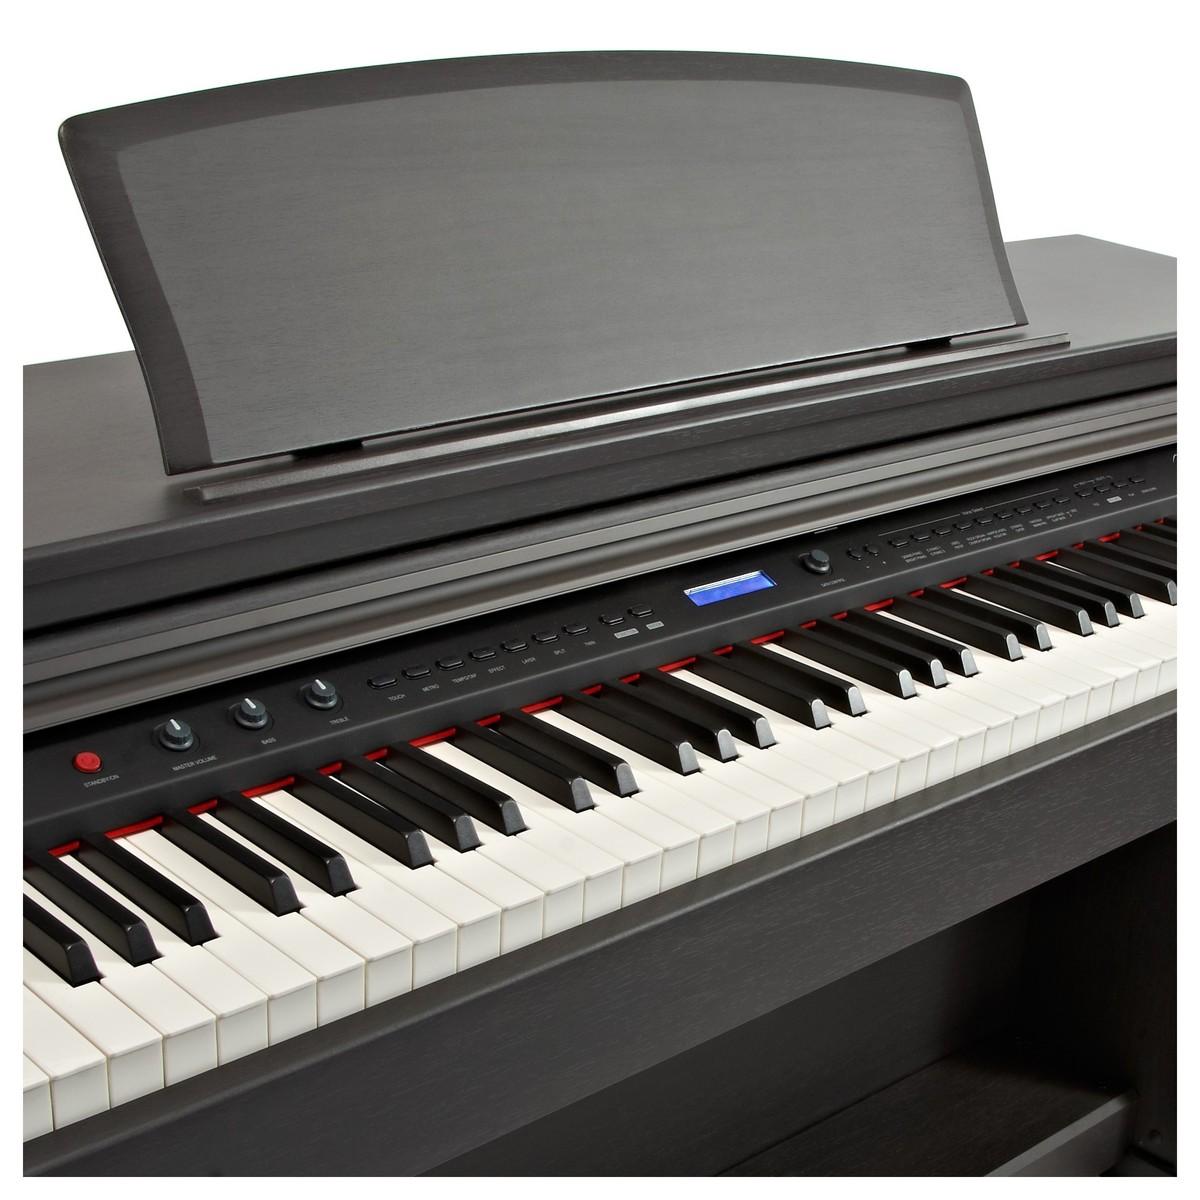 gear4music pianoforte digitale  Negozio di sconti online,Gear4music Pianoforte